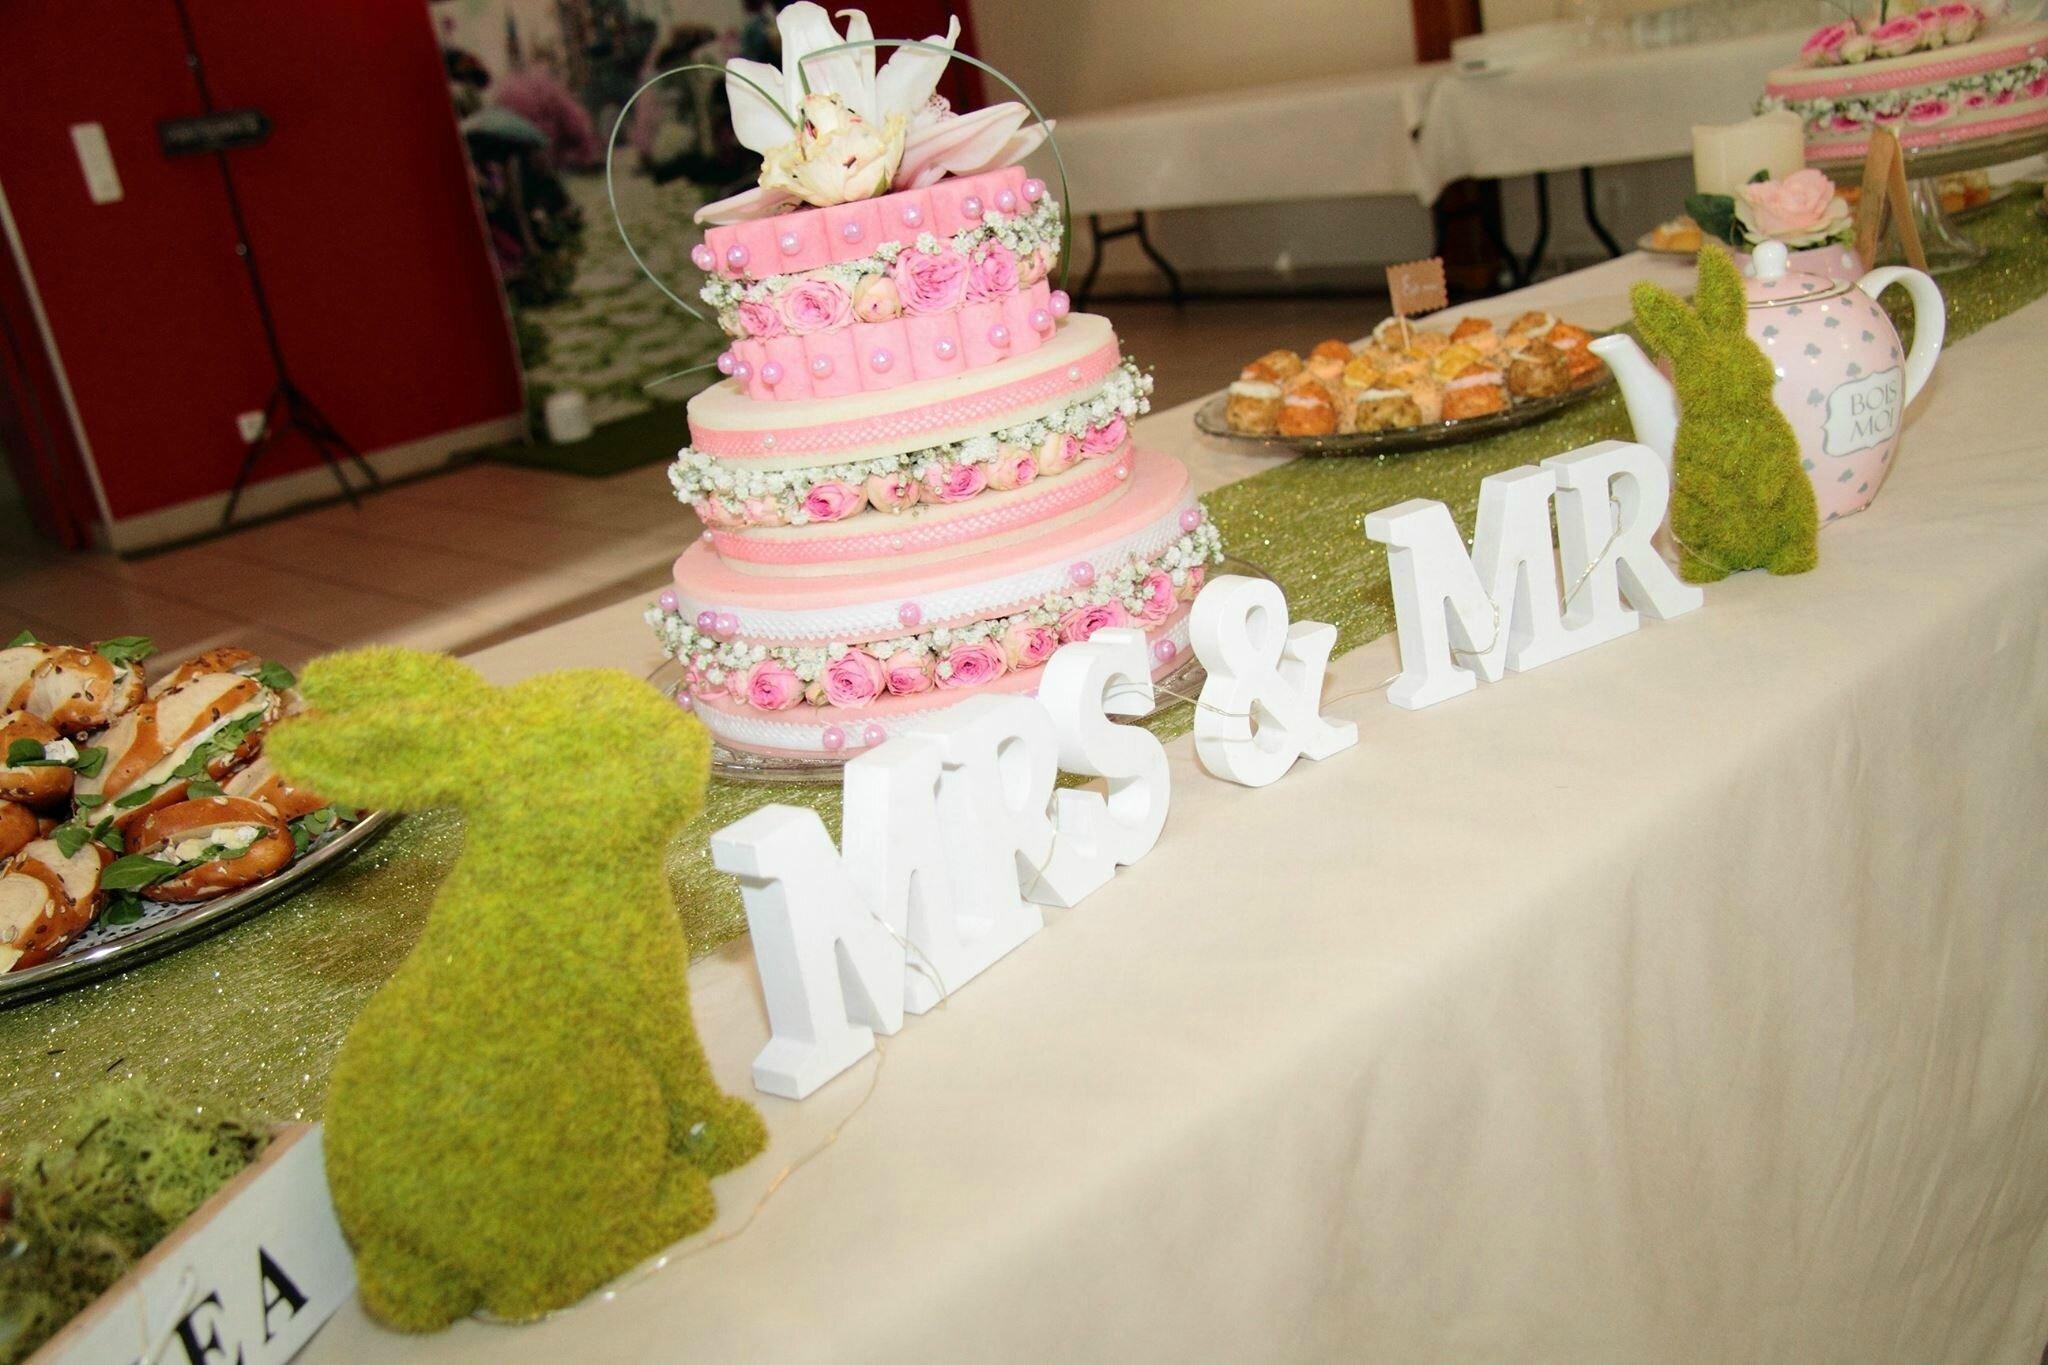 Gateau Alice Aux Pays Des Merveilles avec inspiration mariage: alice au pays des merveilles - pompon cerise